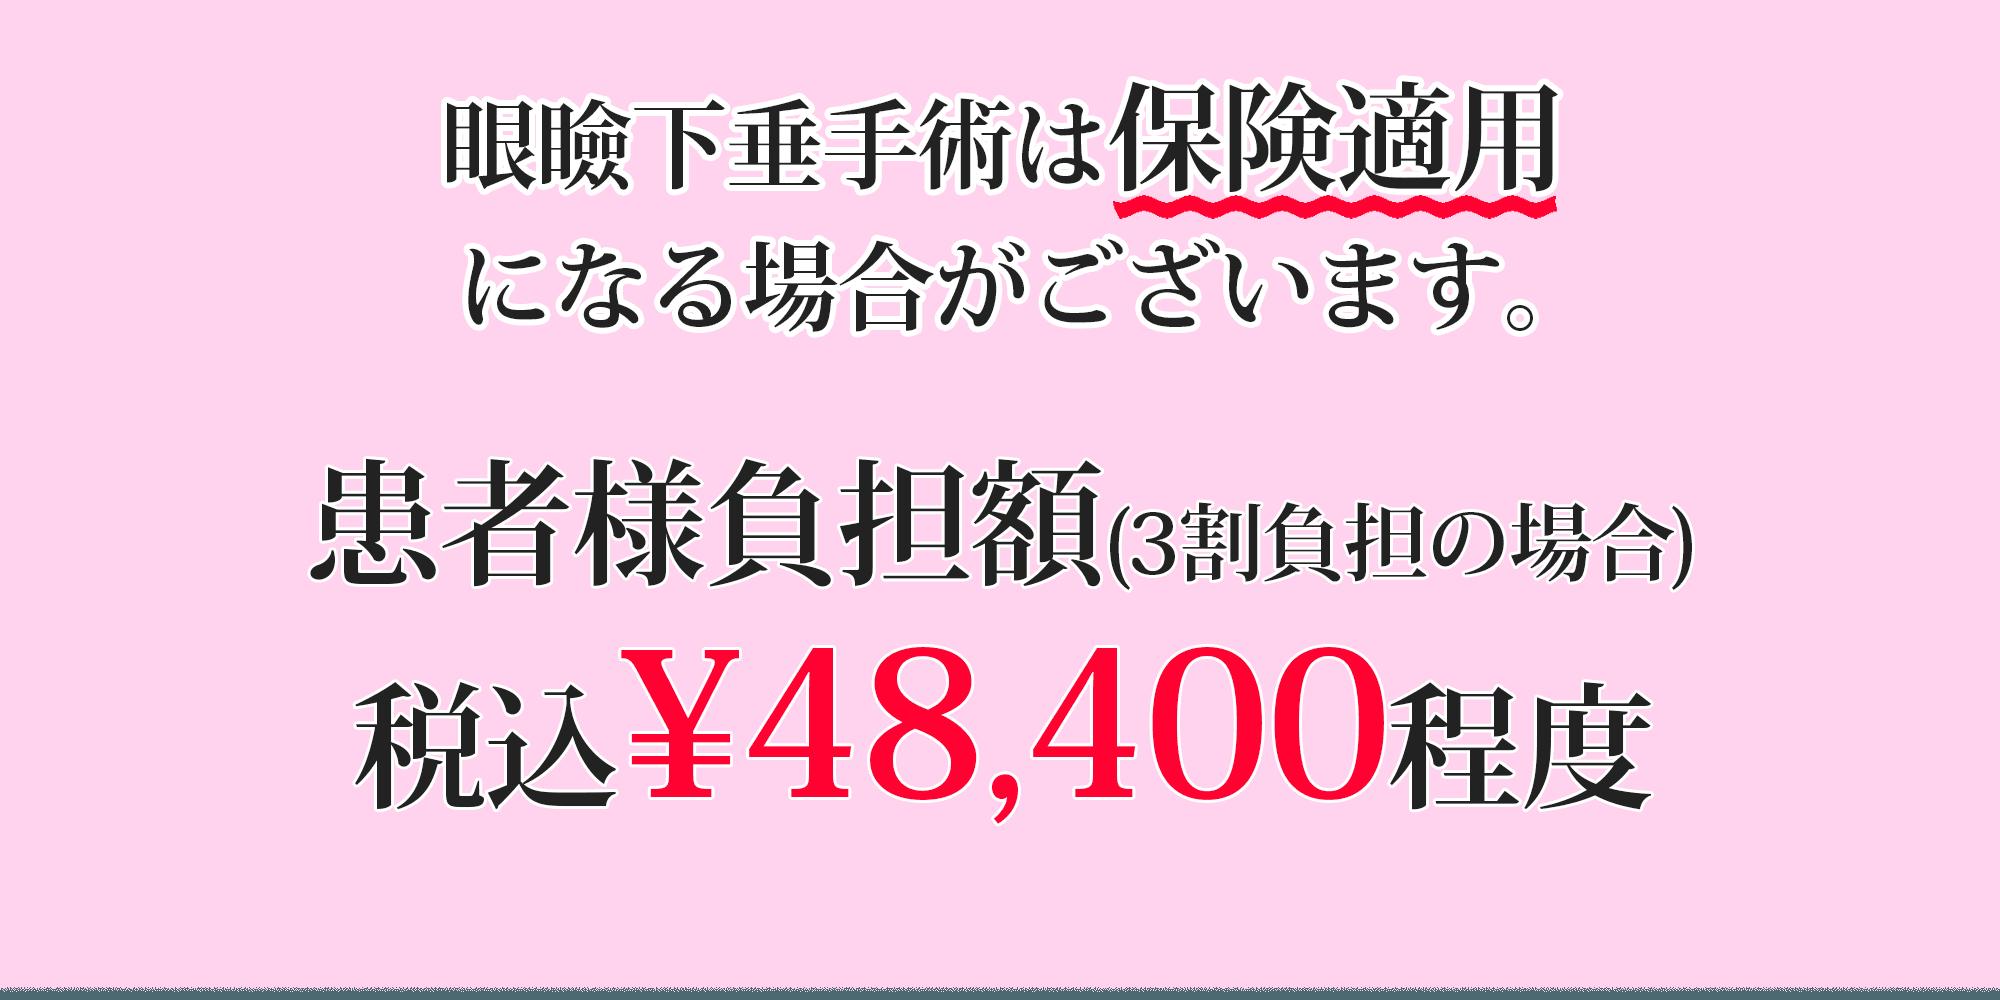 眼瞼下垂手術は保険適用になる場合があります。 患者様負担額(3割負担の場合) 税込¥48,400程度